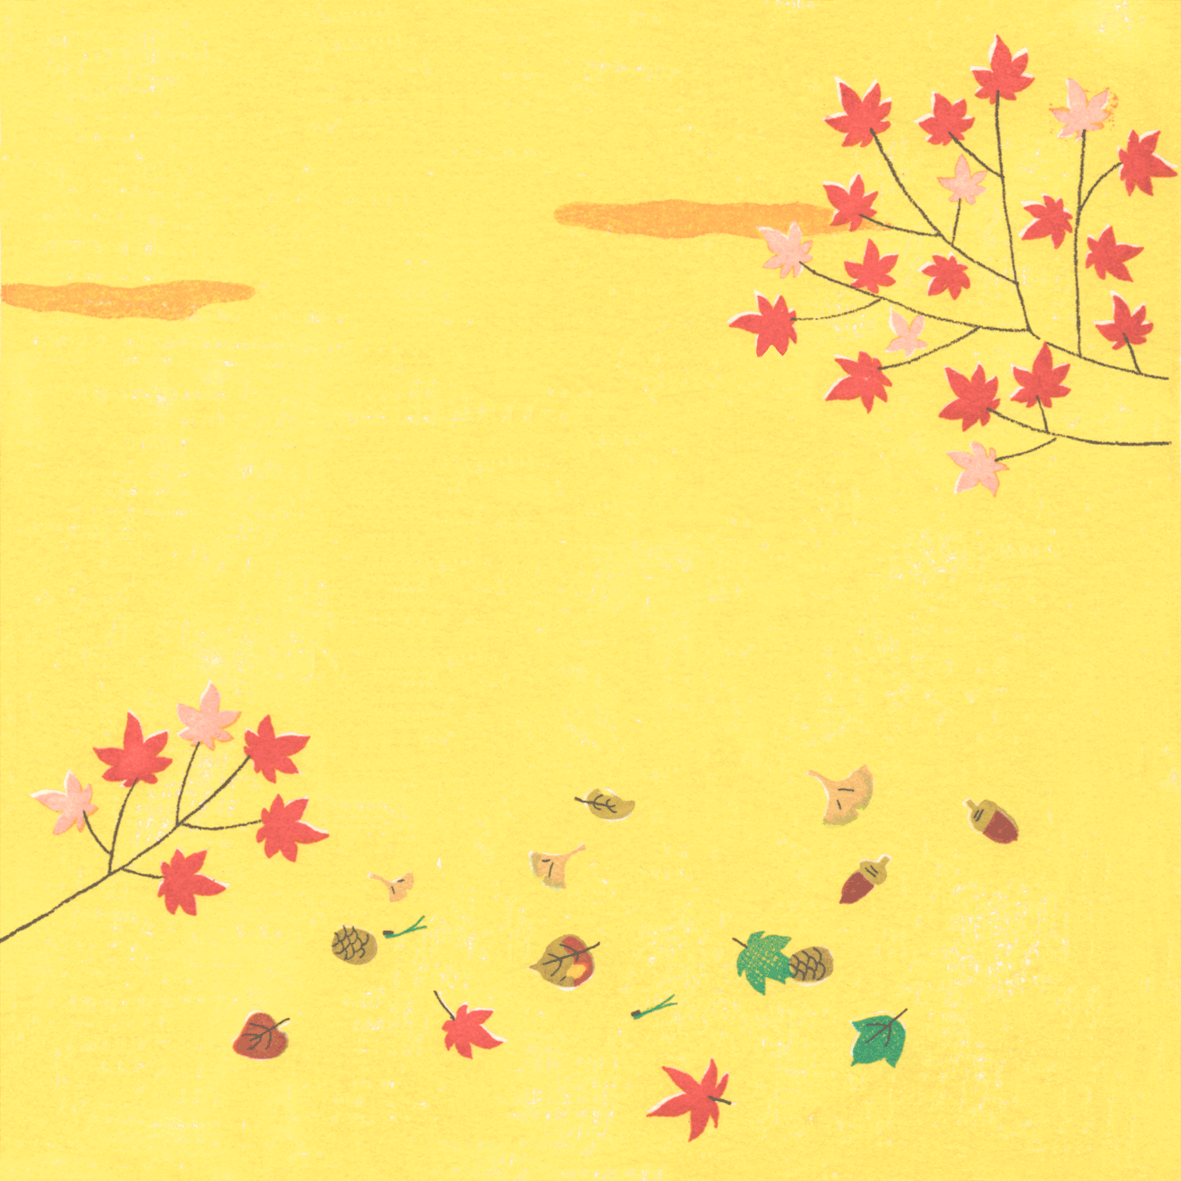 秋の背景、もみじ、ドングリイラスト正方形